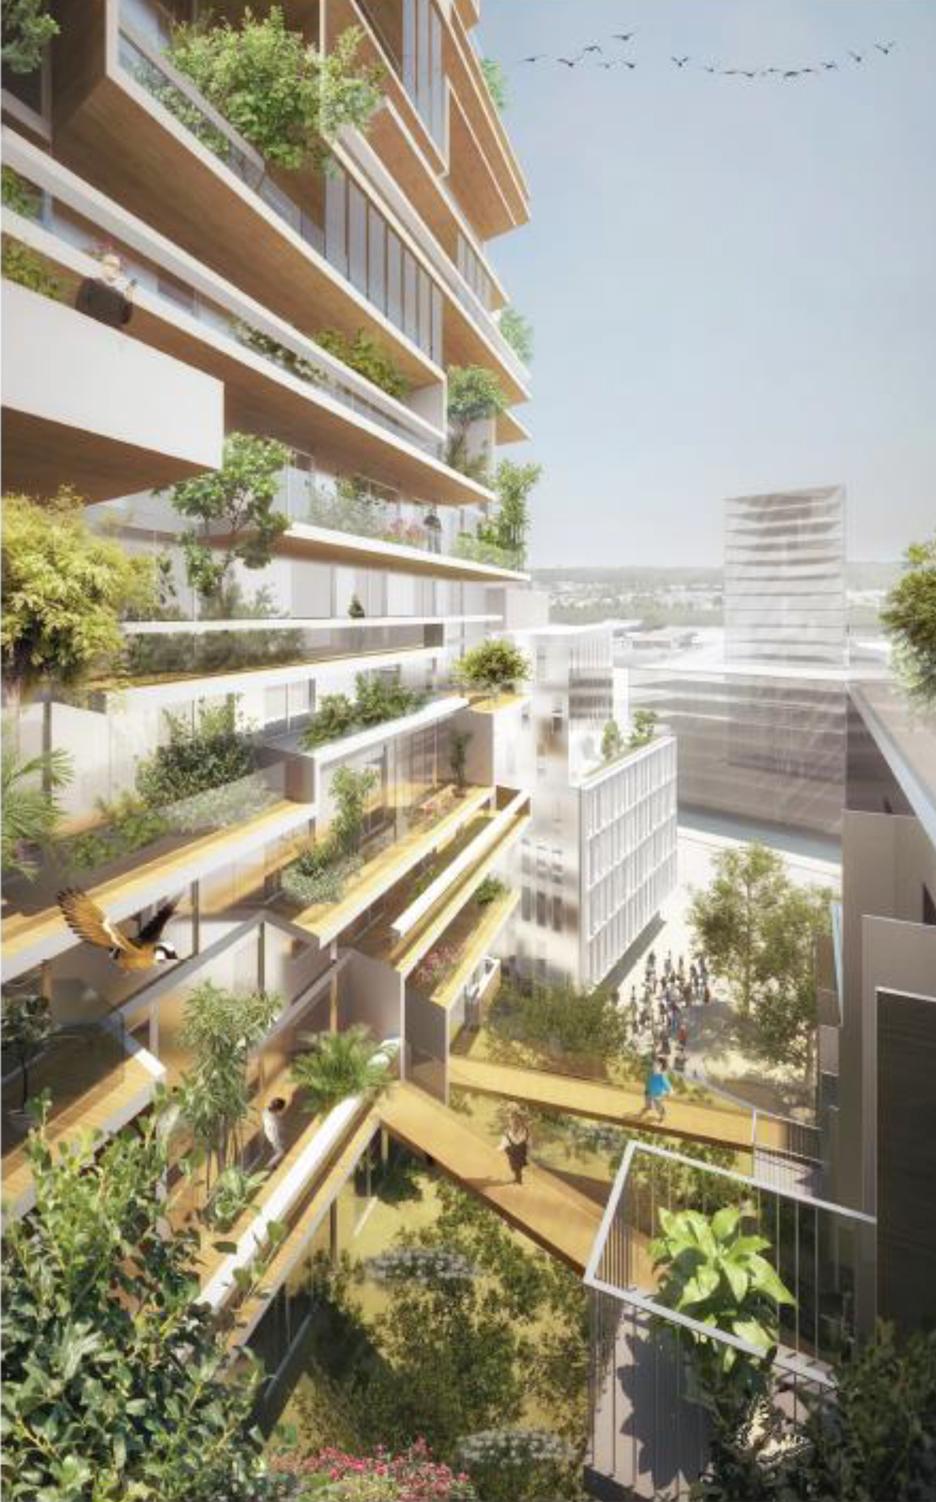 """Quần thể gồm tòa nhà 18 tầng với ban công trồng nhiều cây và lối ra khu vườn chung được ví như """"rừng đô thị"""